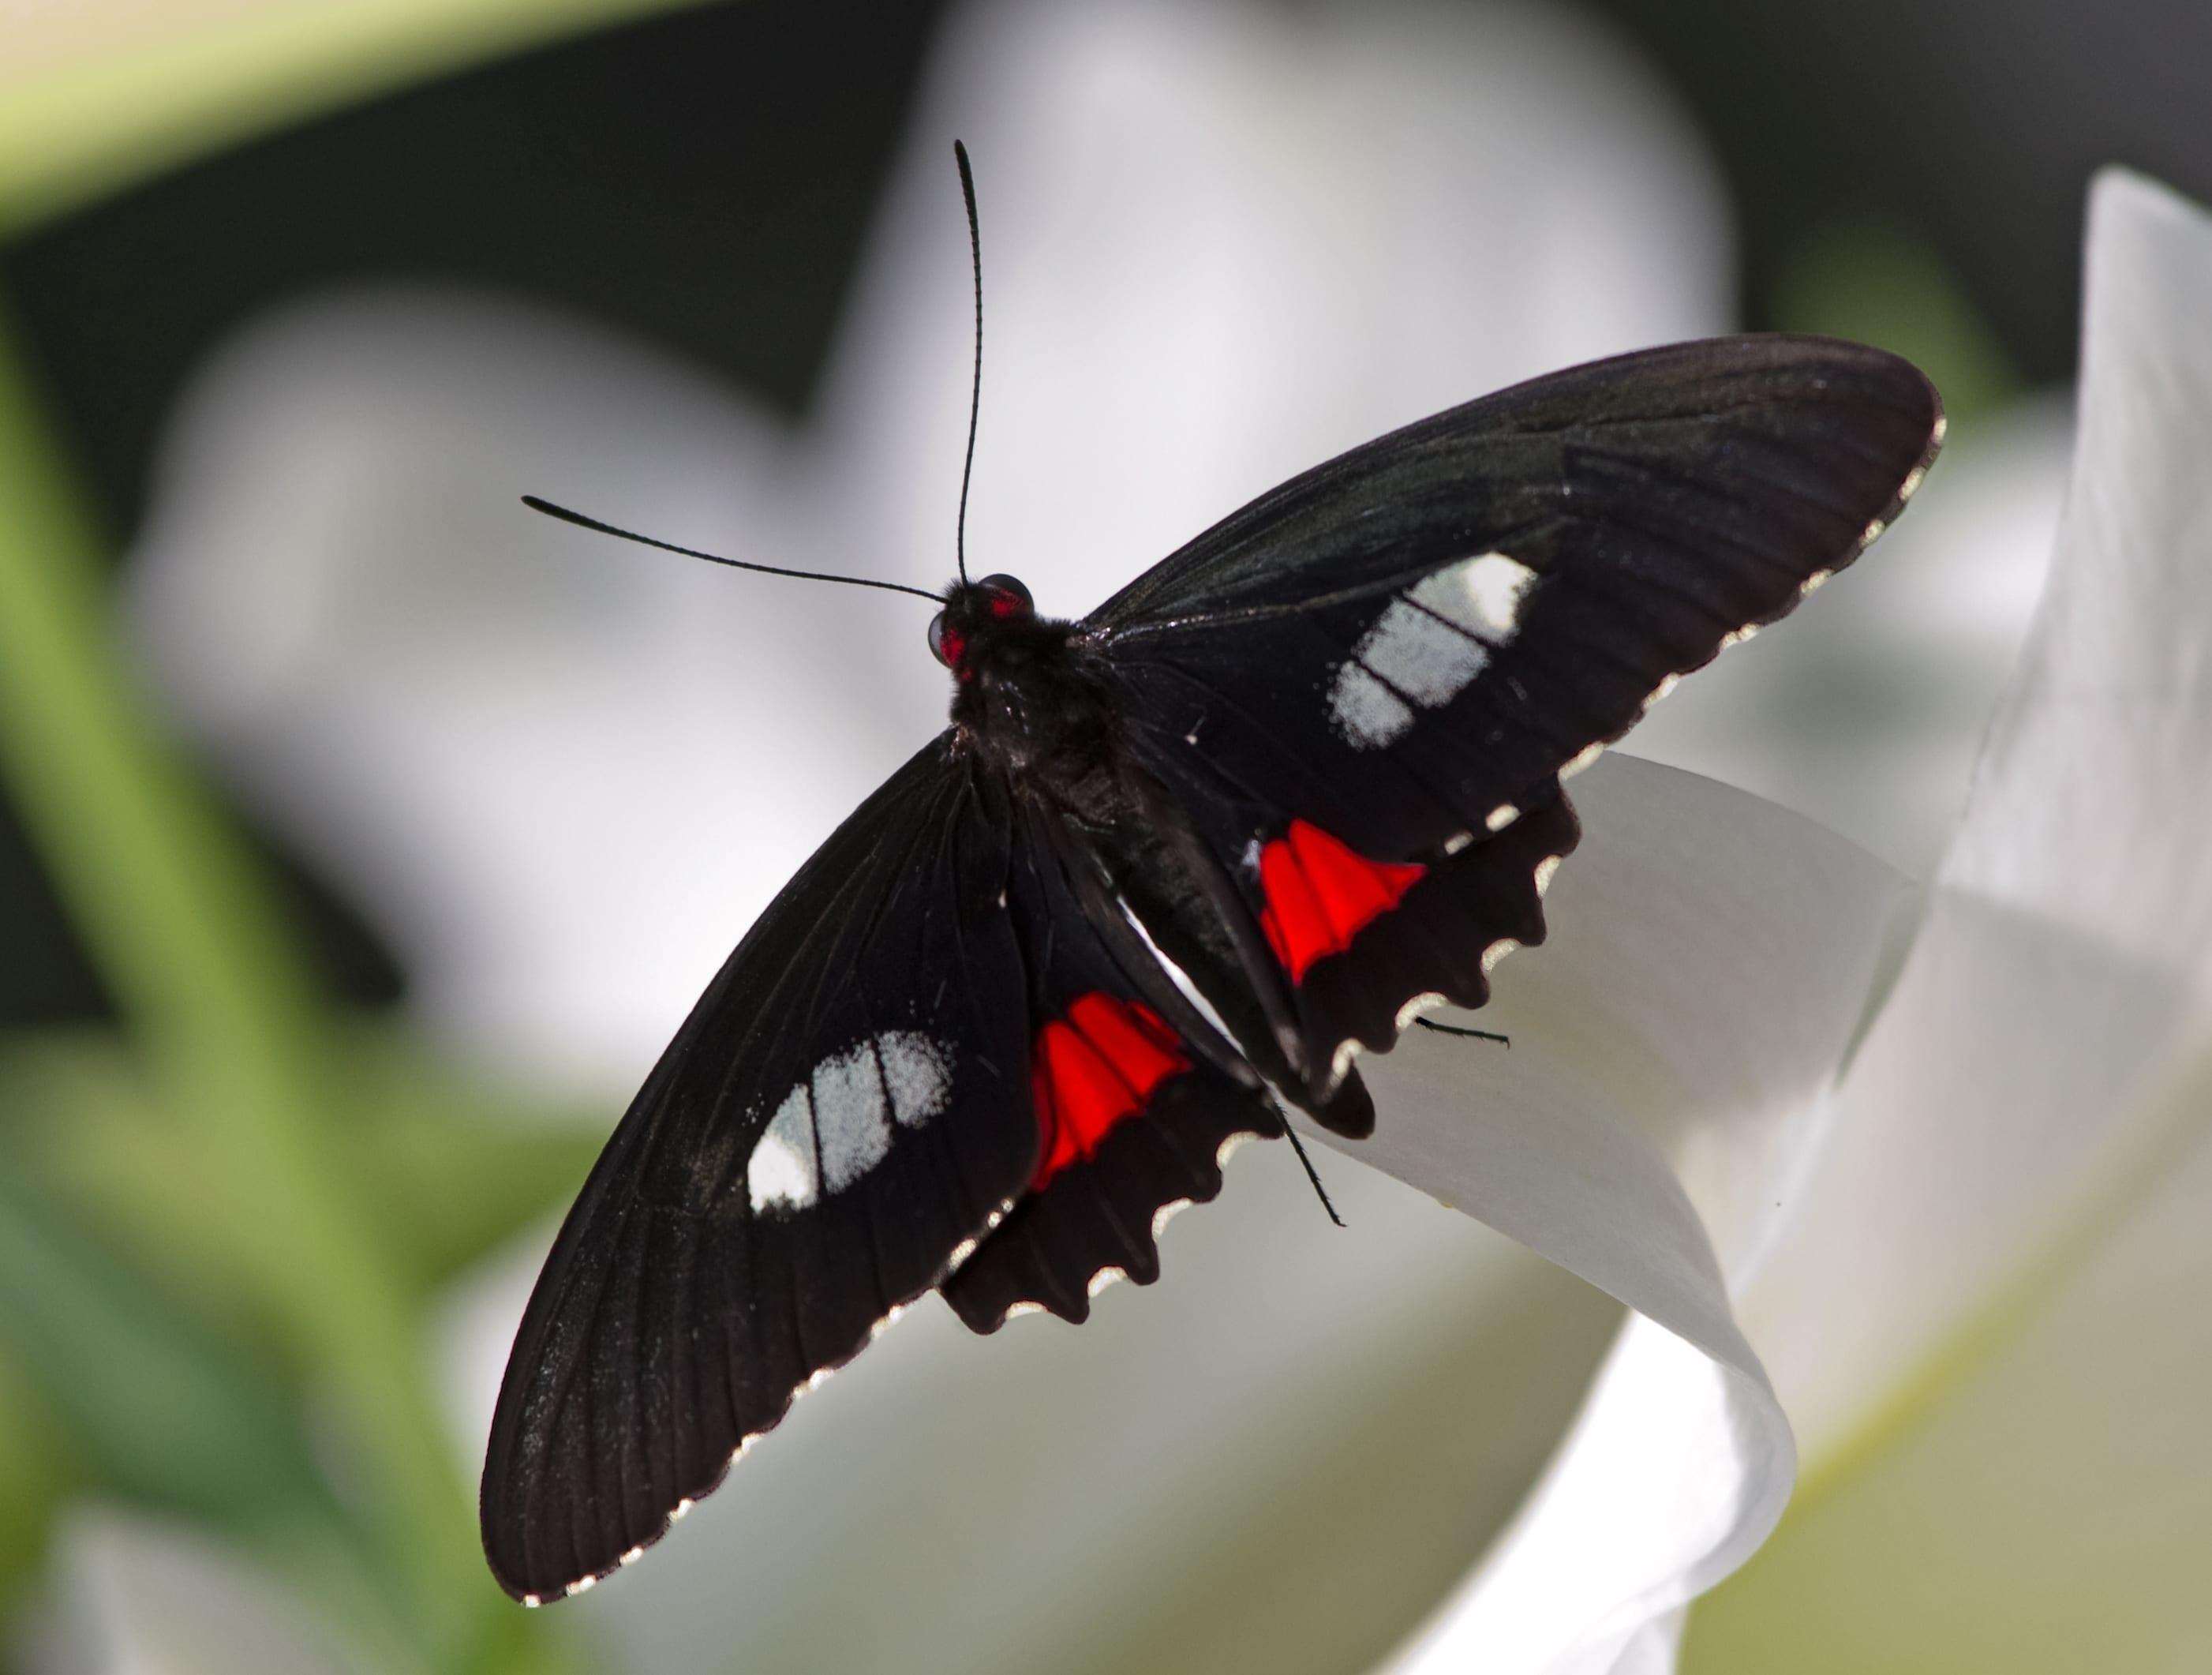 farfalla con ali ultra-nere